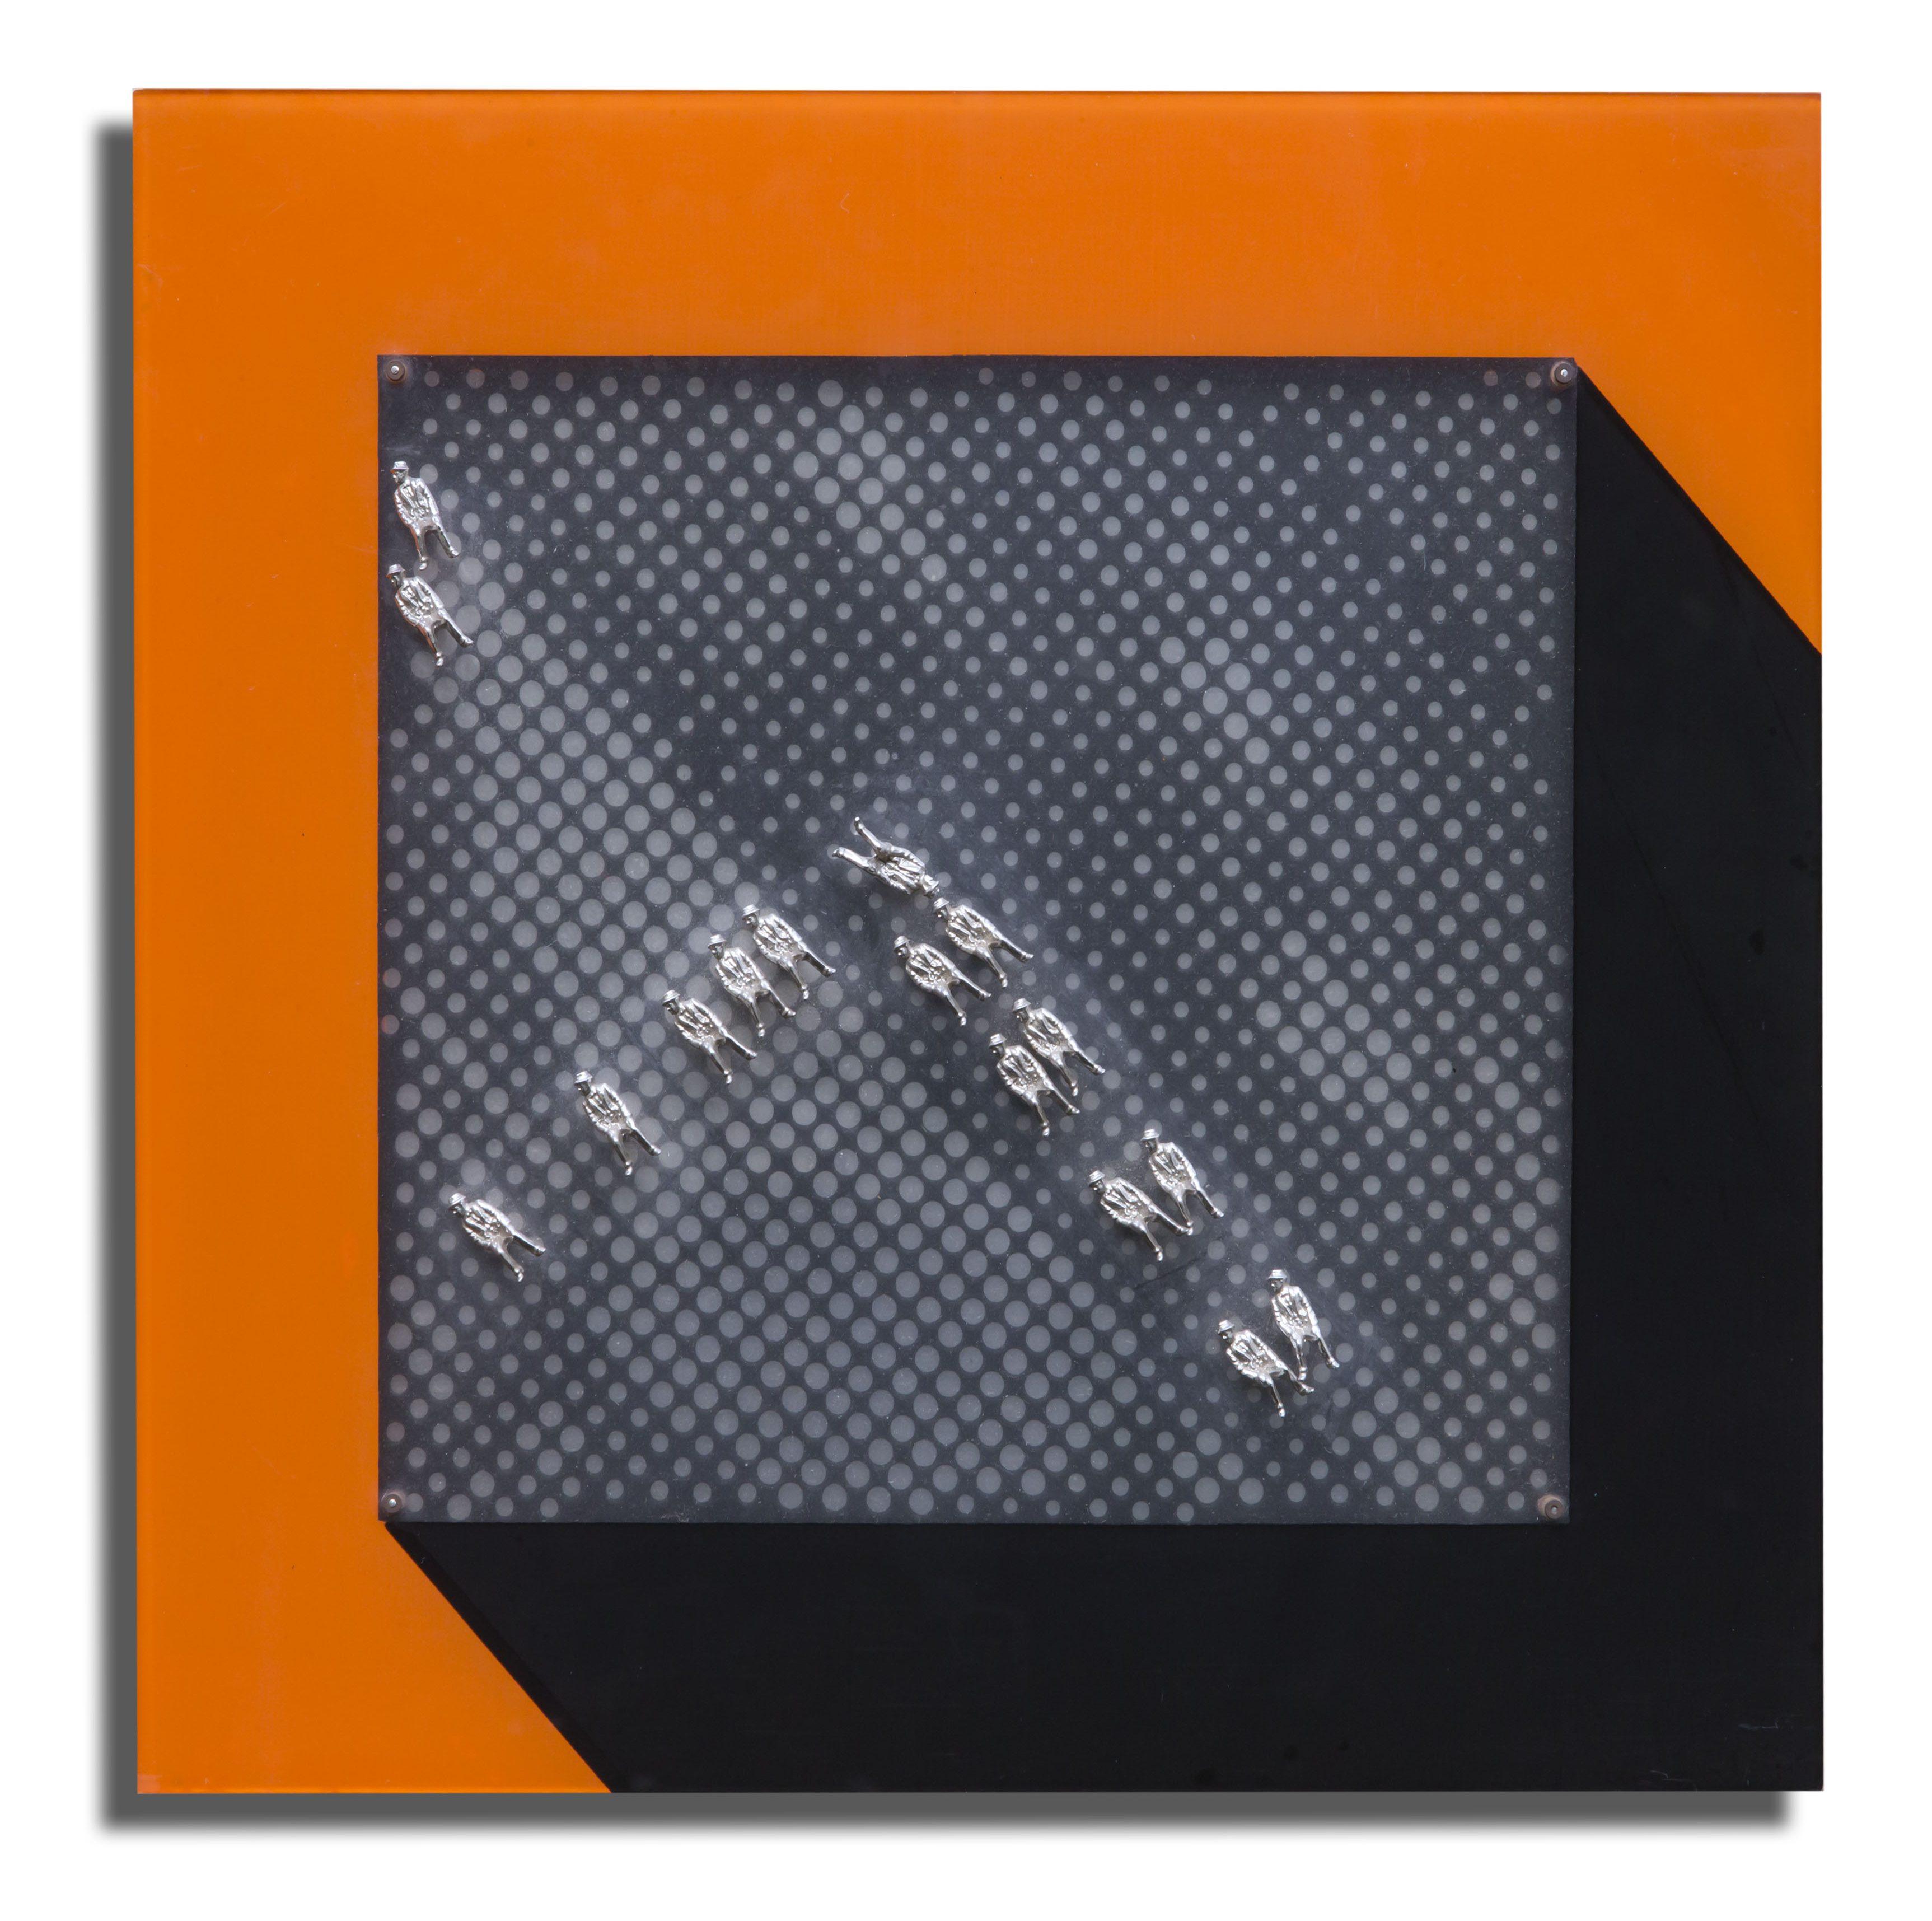 Hubertus von Skal, Männern, object, 1969. Collectie Ida Boelen-van Gelder. Fotografie Aldo Smit©